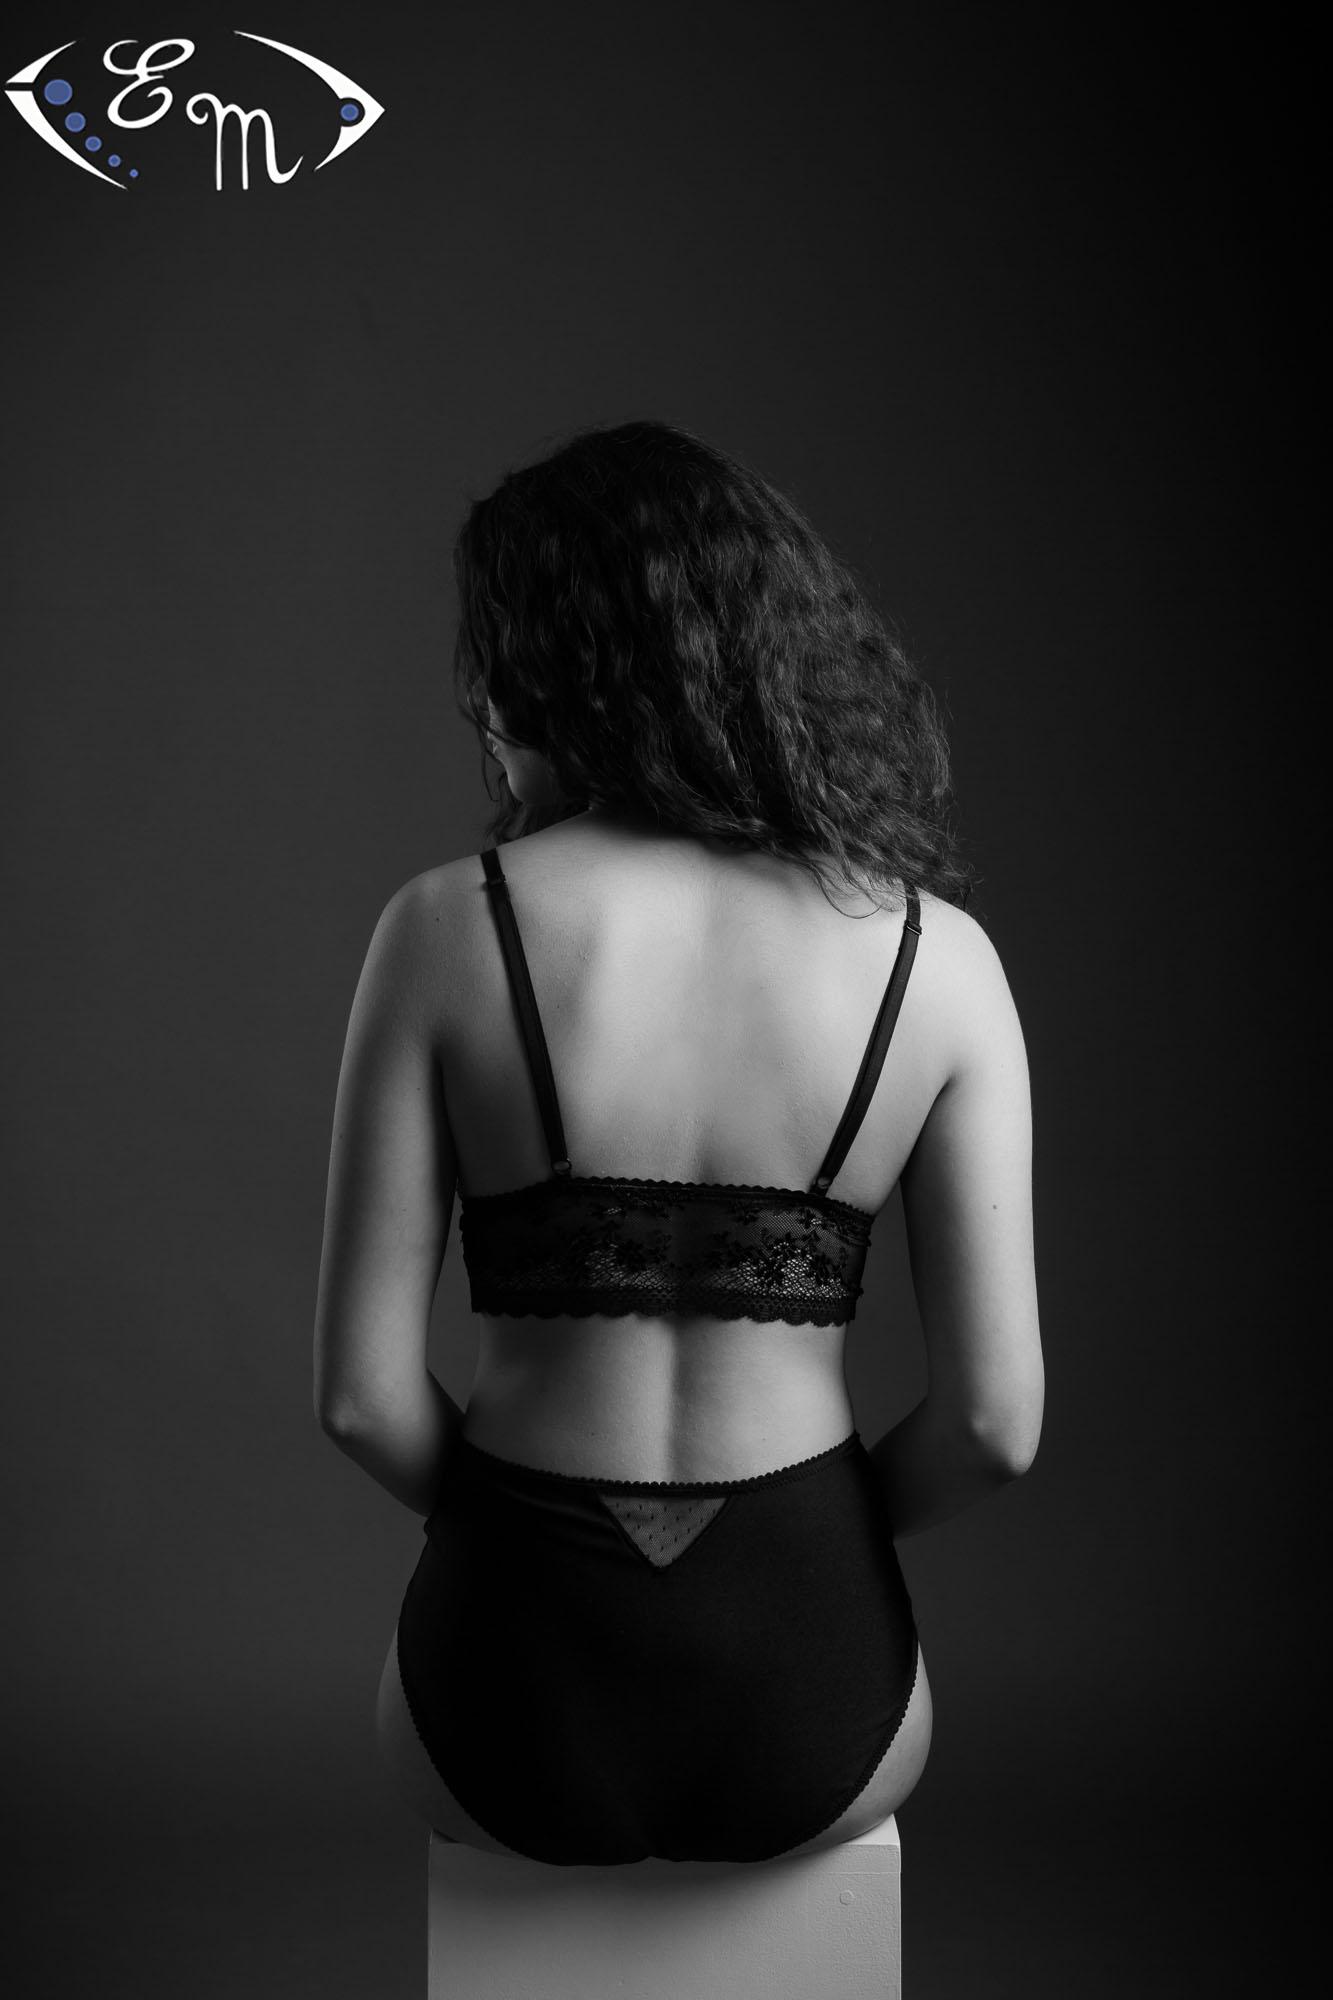 patron de couture, patron de lingerie, culotte, dentelle, élastique, caresse, caresse la culotte